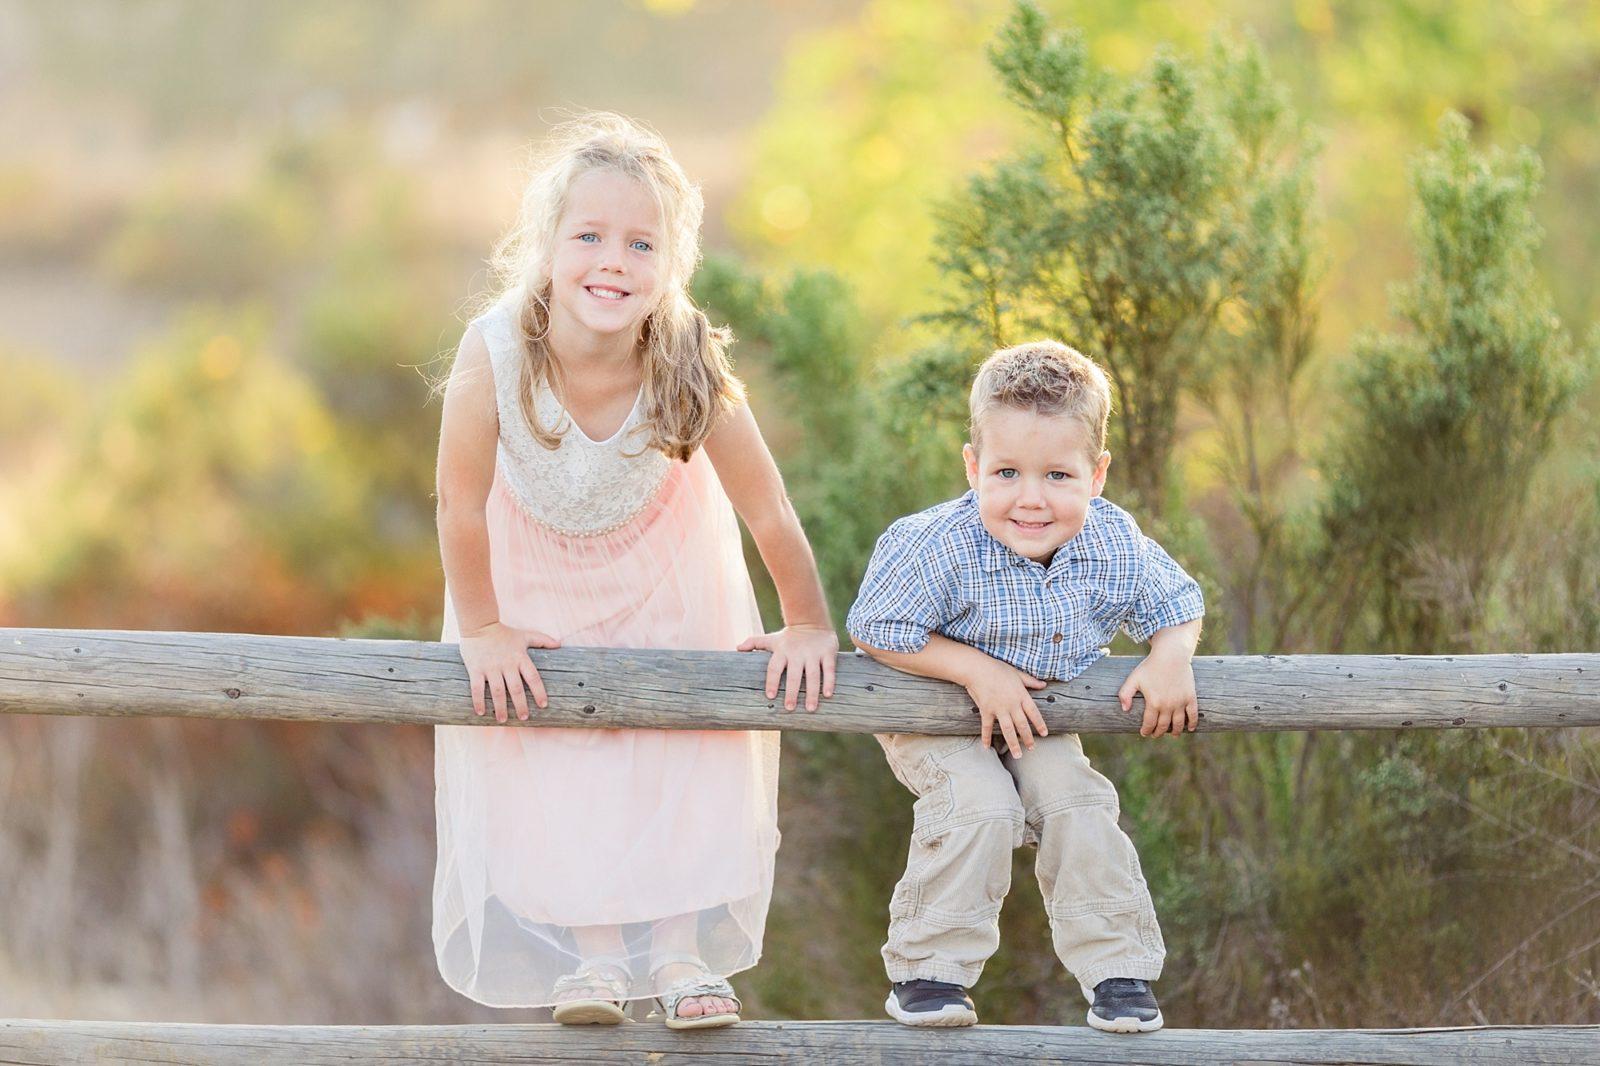 San Diego Photographer | San Diego Family Photography